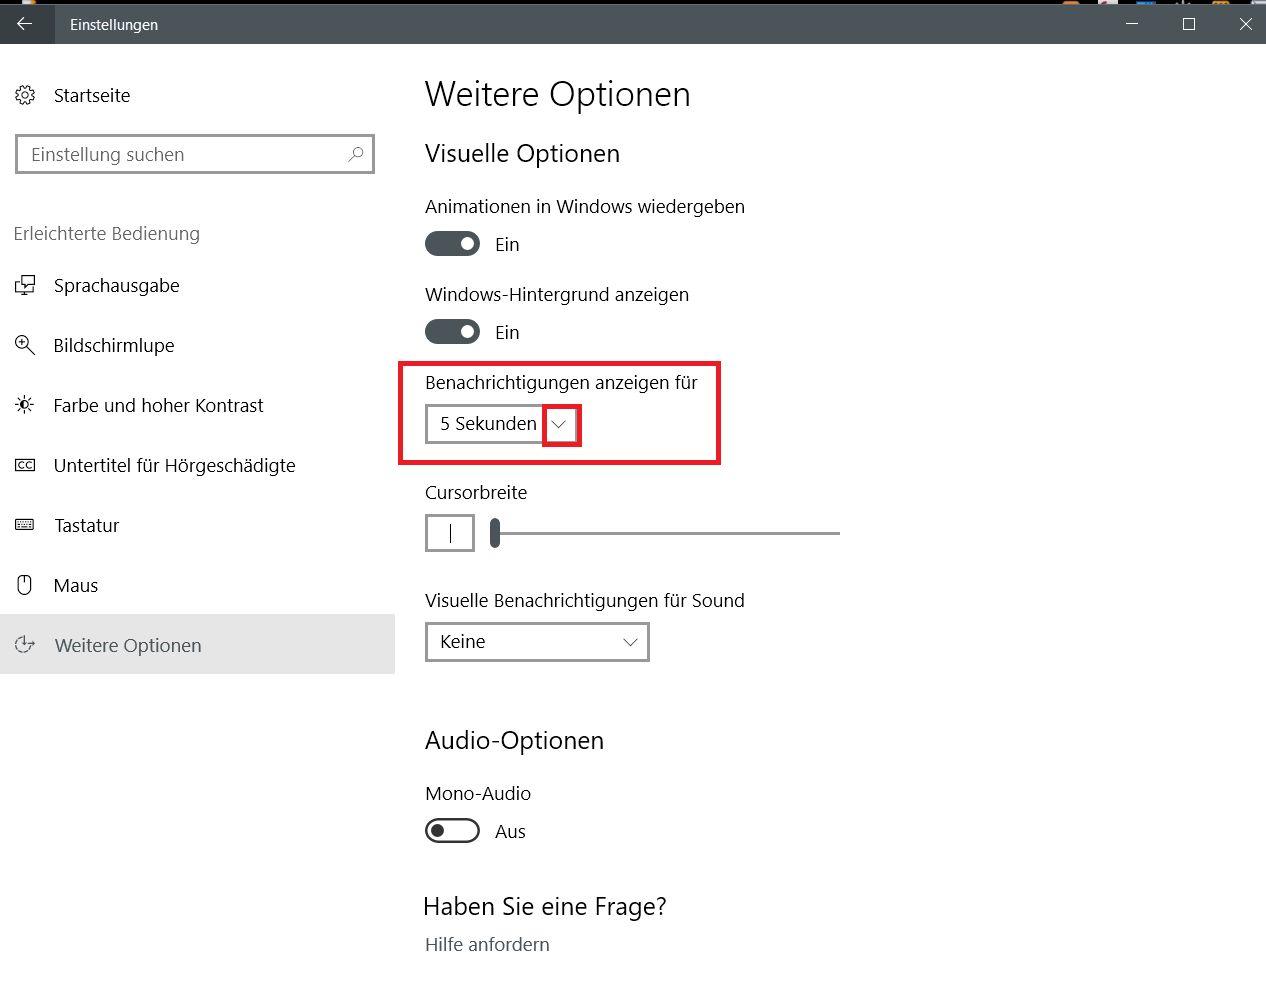 benachrichtigungen 1 - Windows 10 Benachrichtigungs Popup die Anzeigedauer ändern